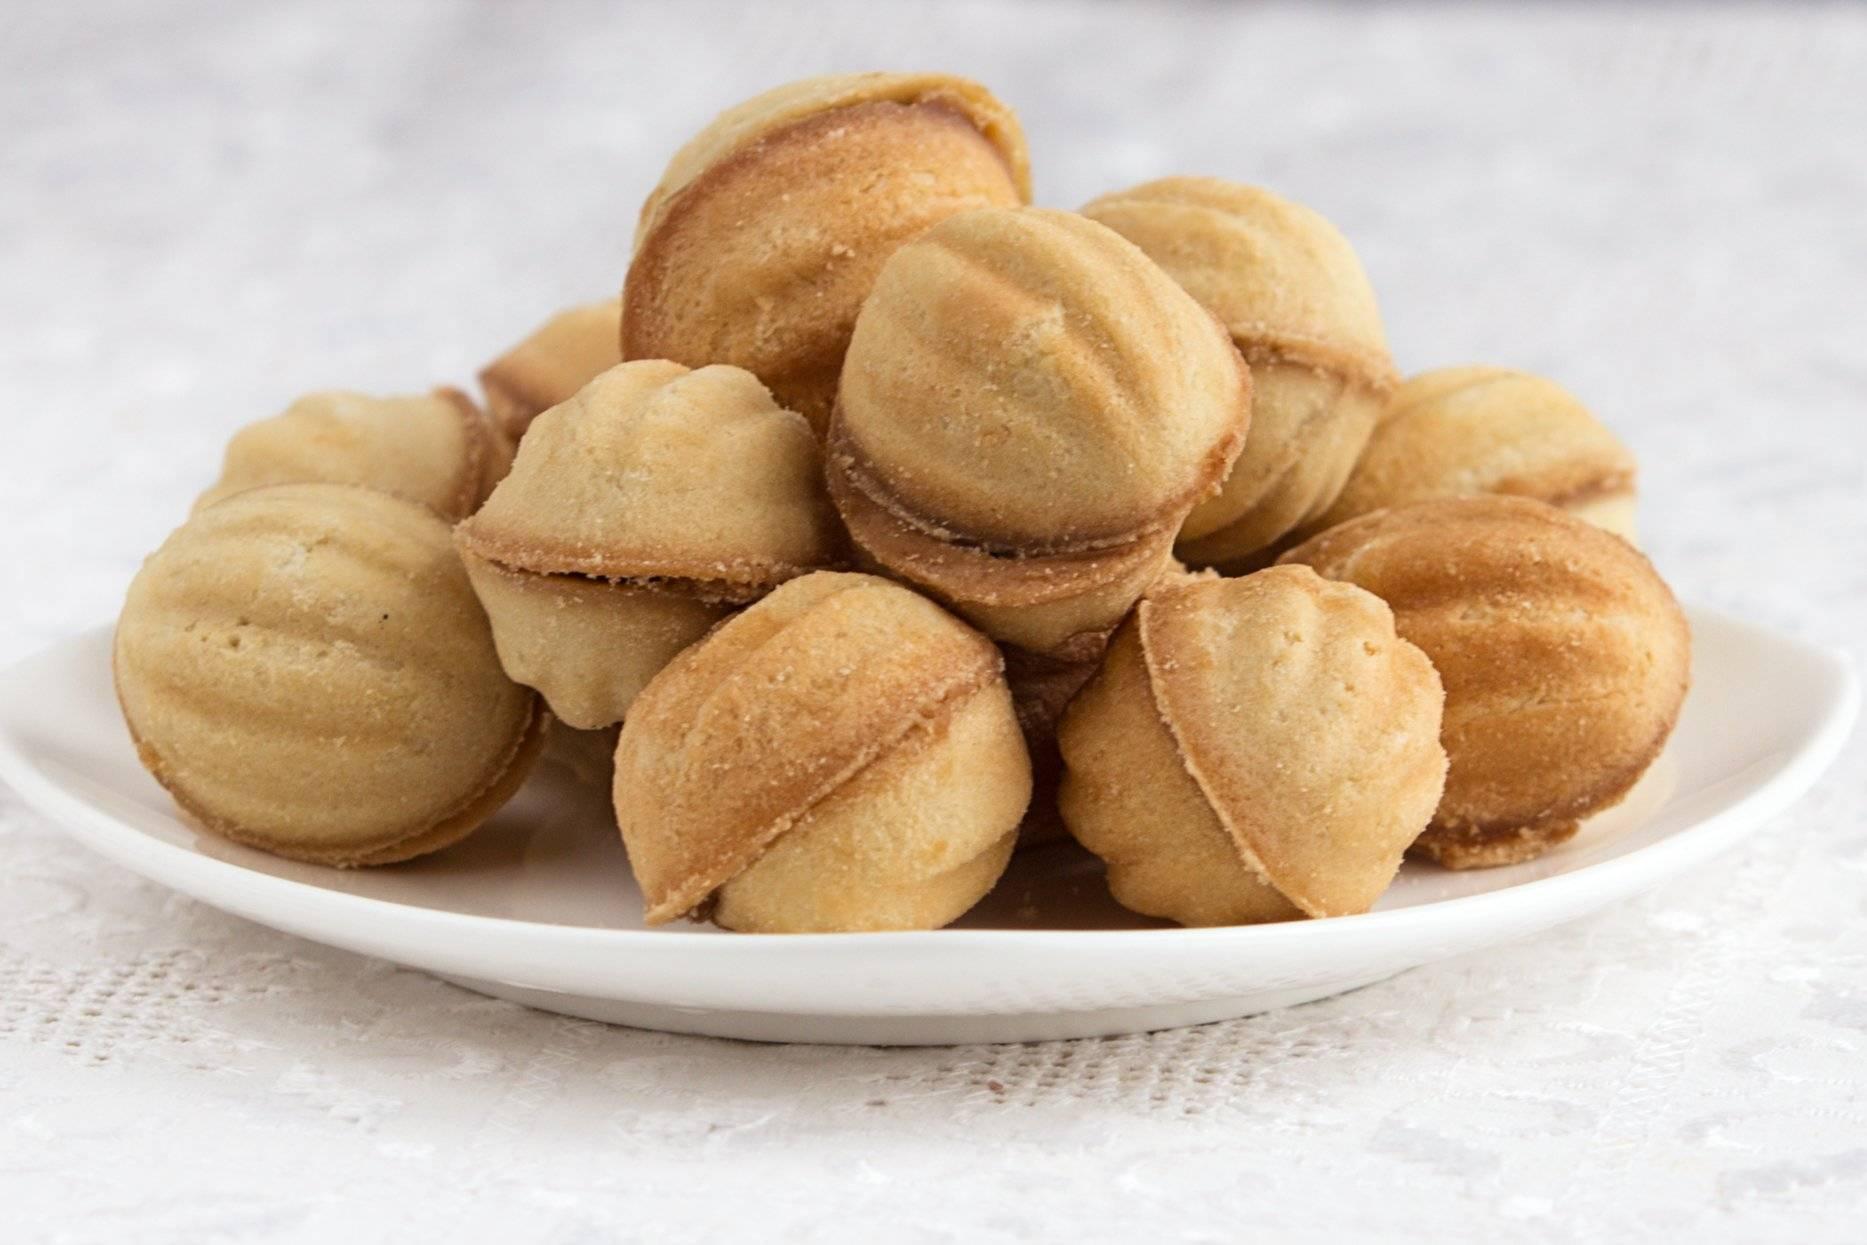 Орешки со сгущенкой - рецепт с фото пошагово